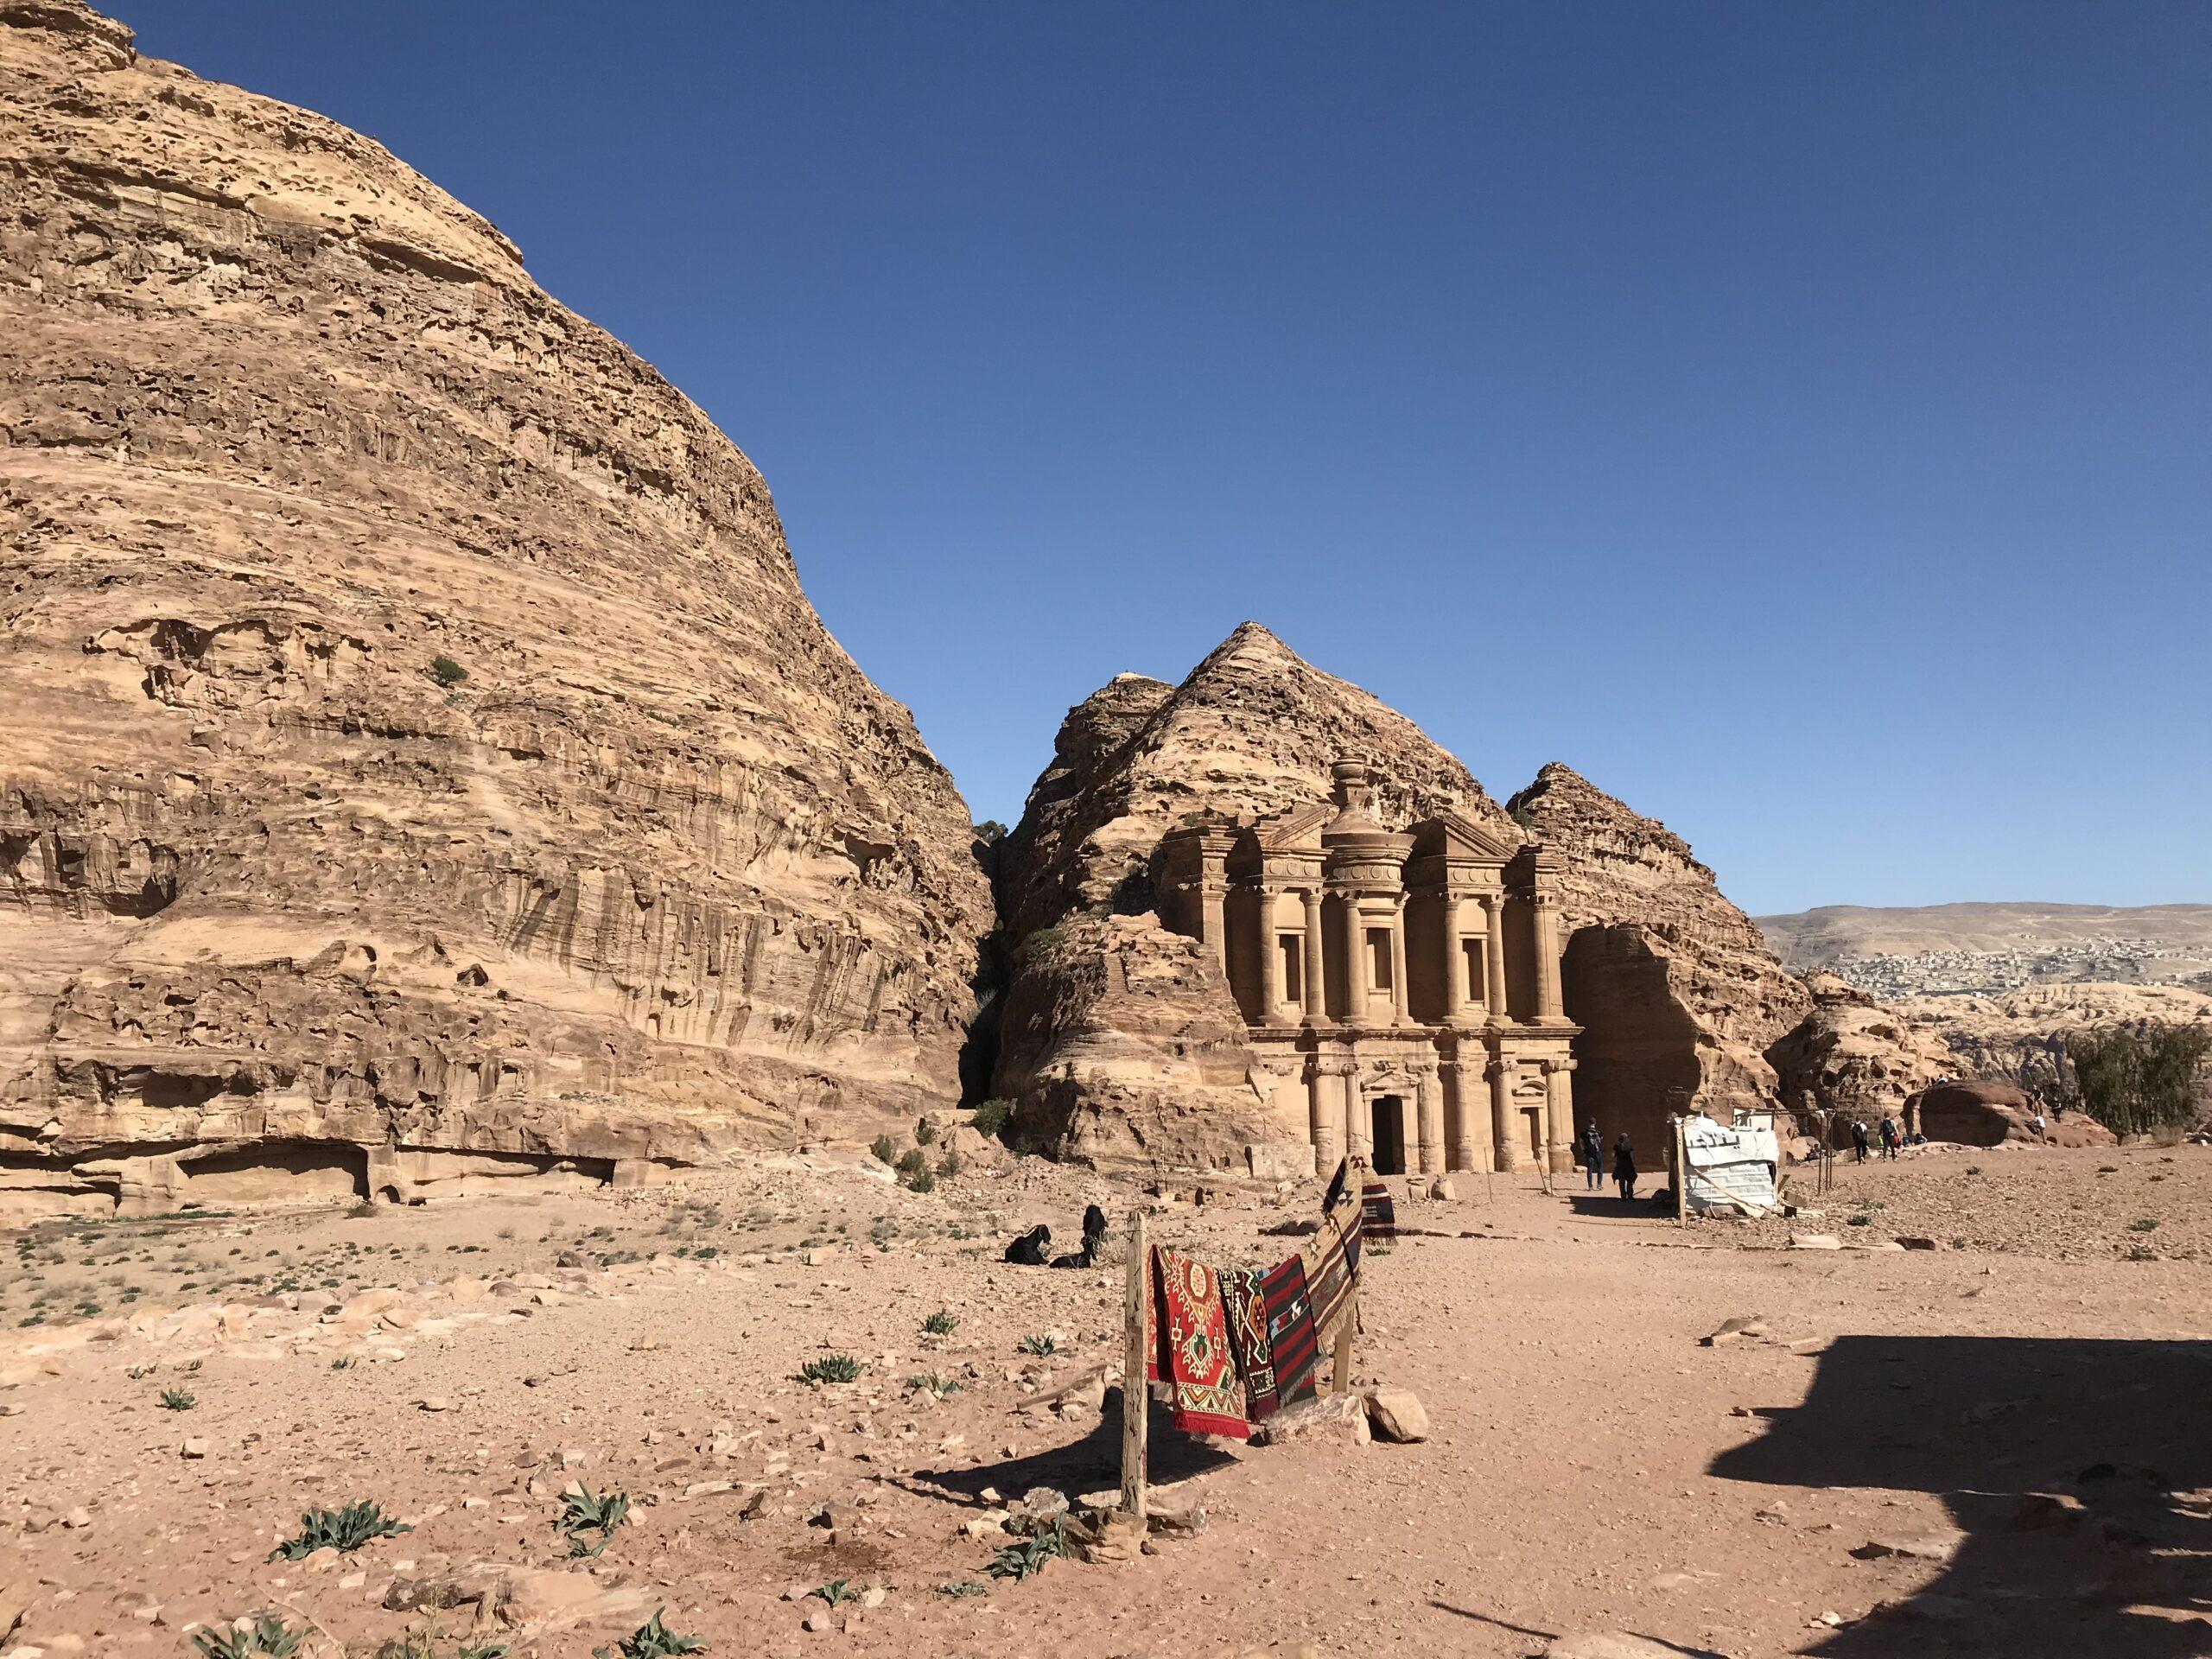 Petra – Ad Deir (the Monastery)